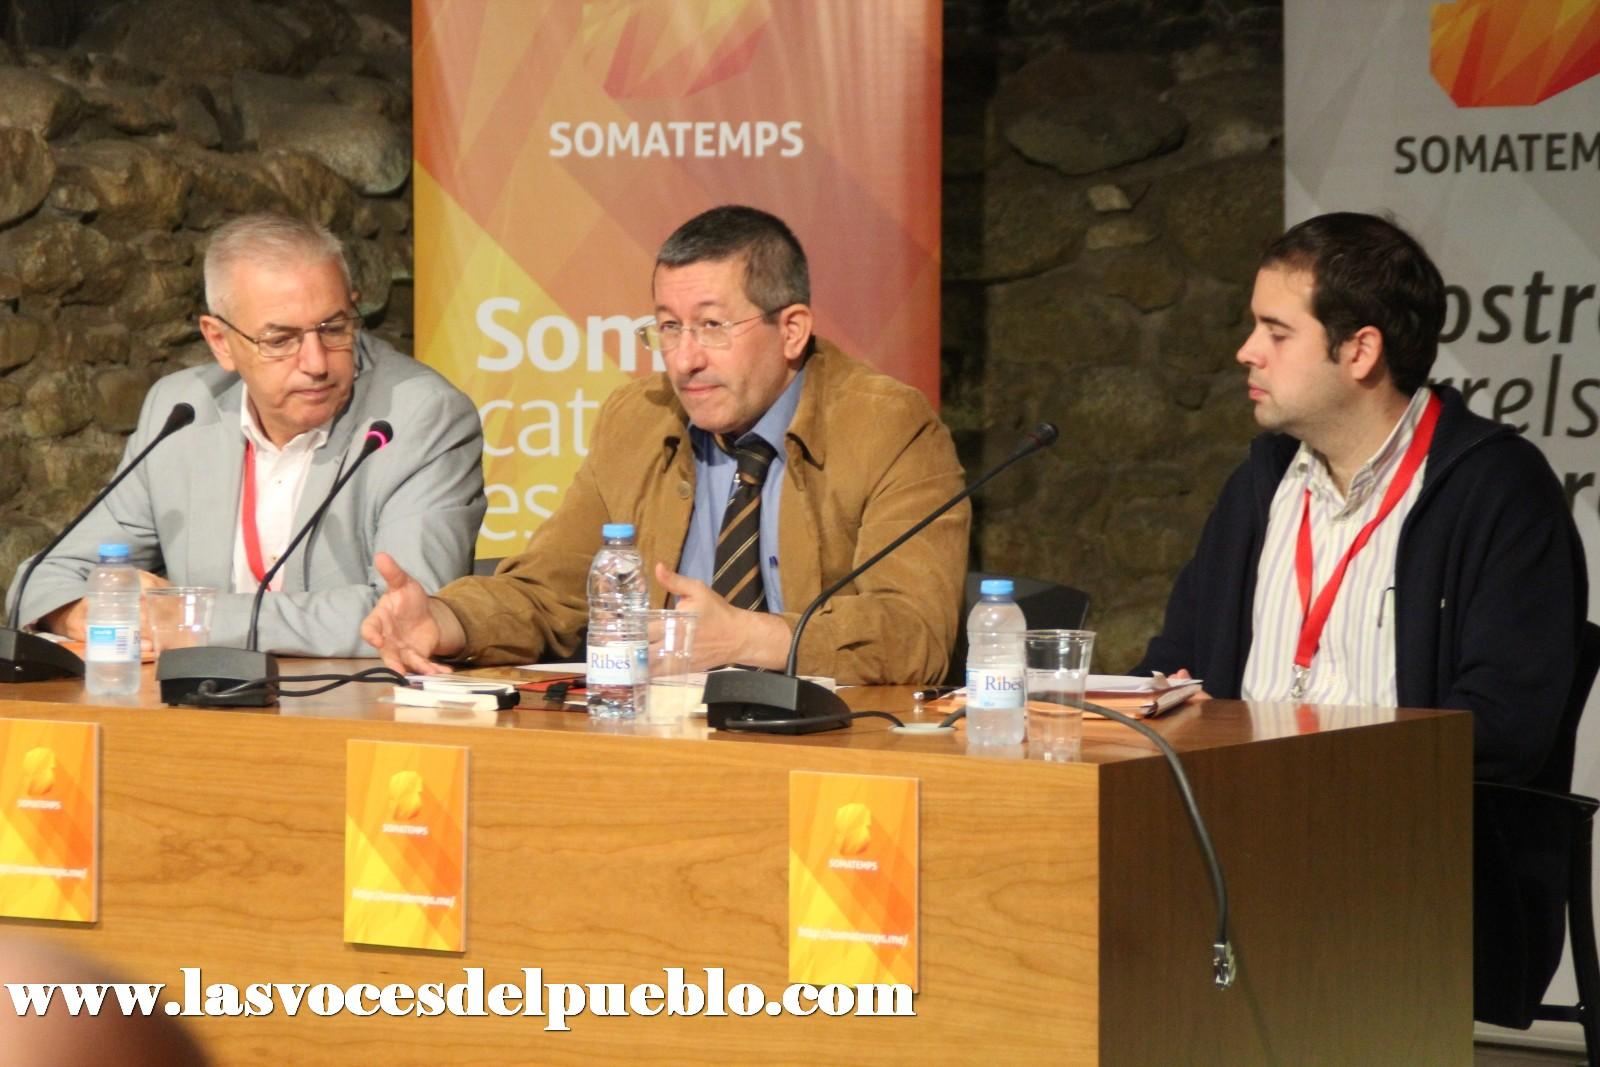 las voces del pueblo_I Congreso de Somatemps_Ripoll_Gerona (64)